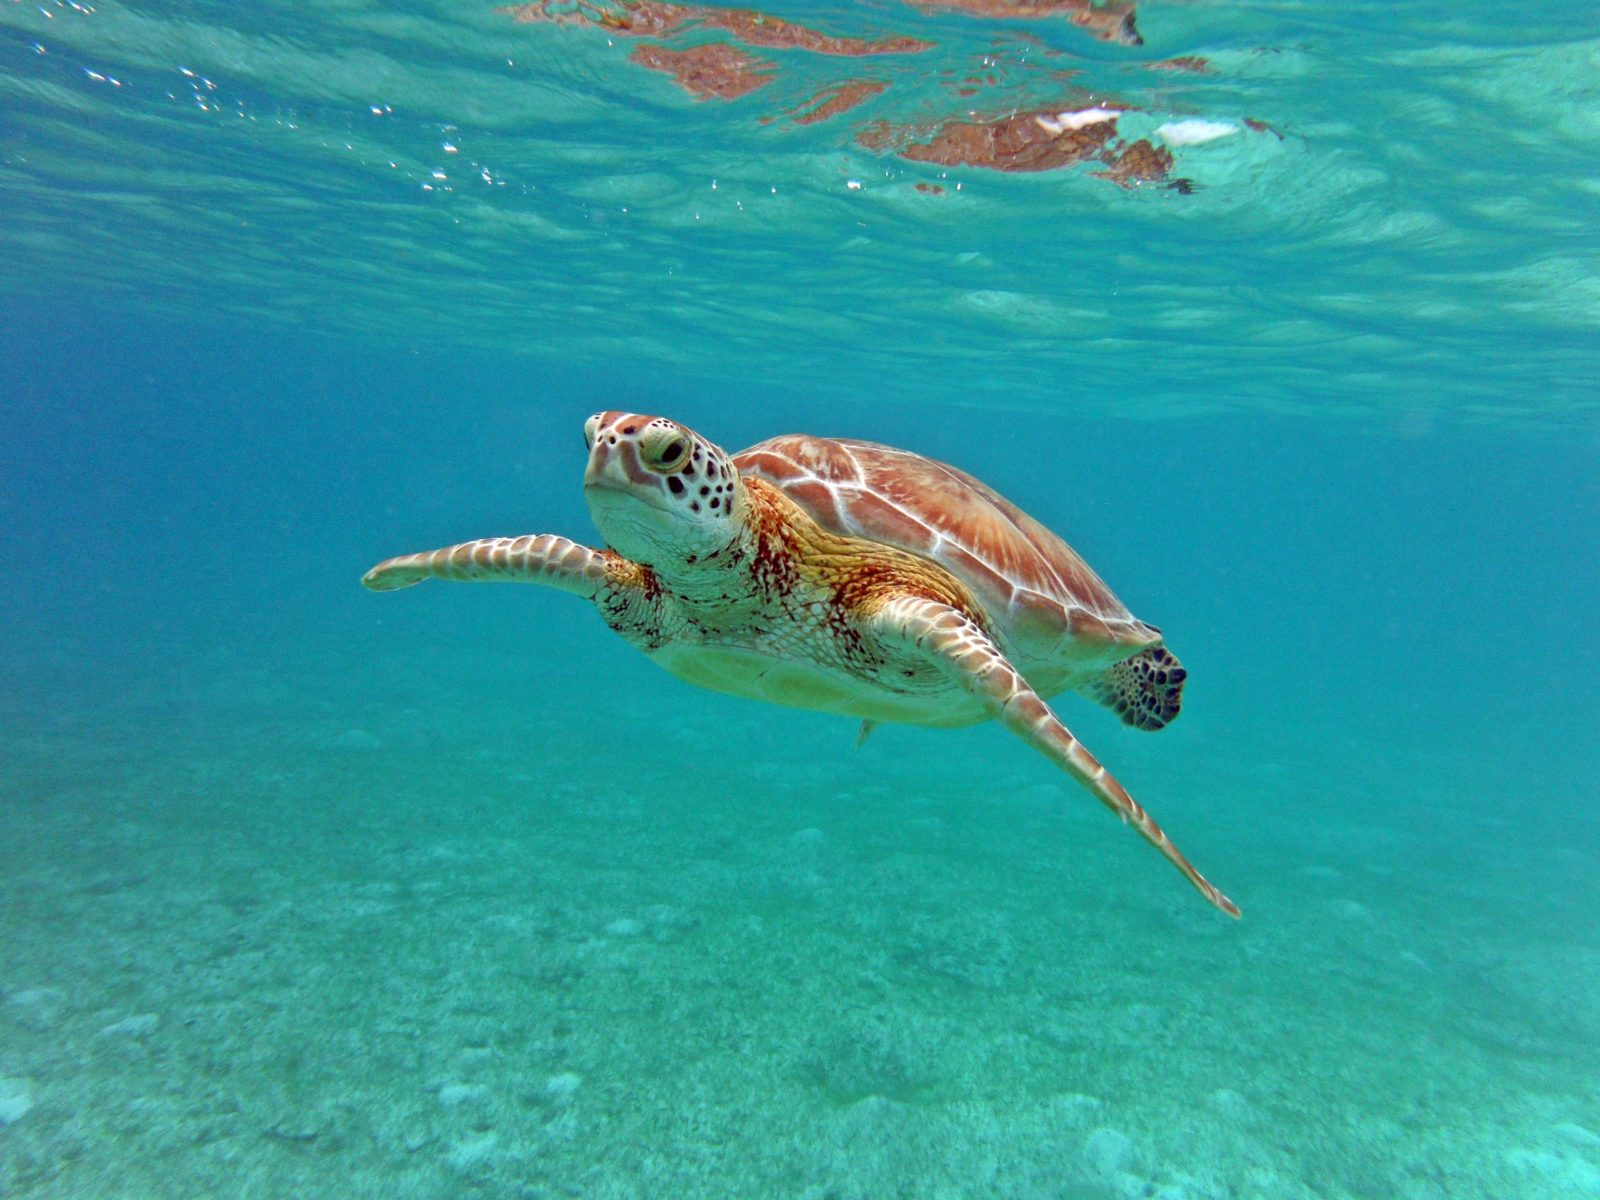 Encountering a friendly sea turtle in Cancún